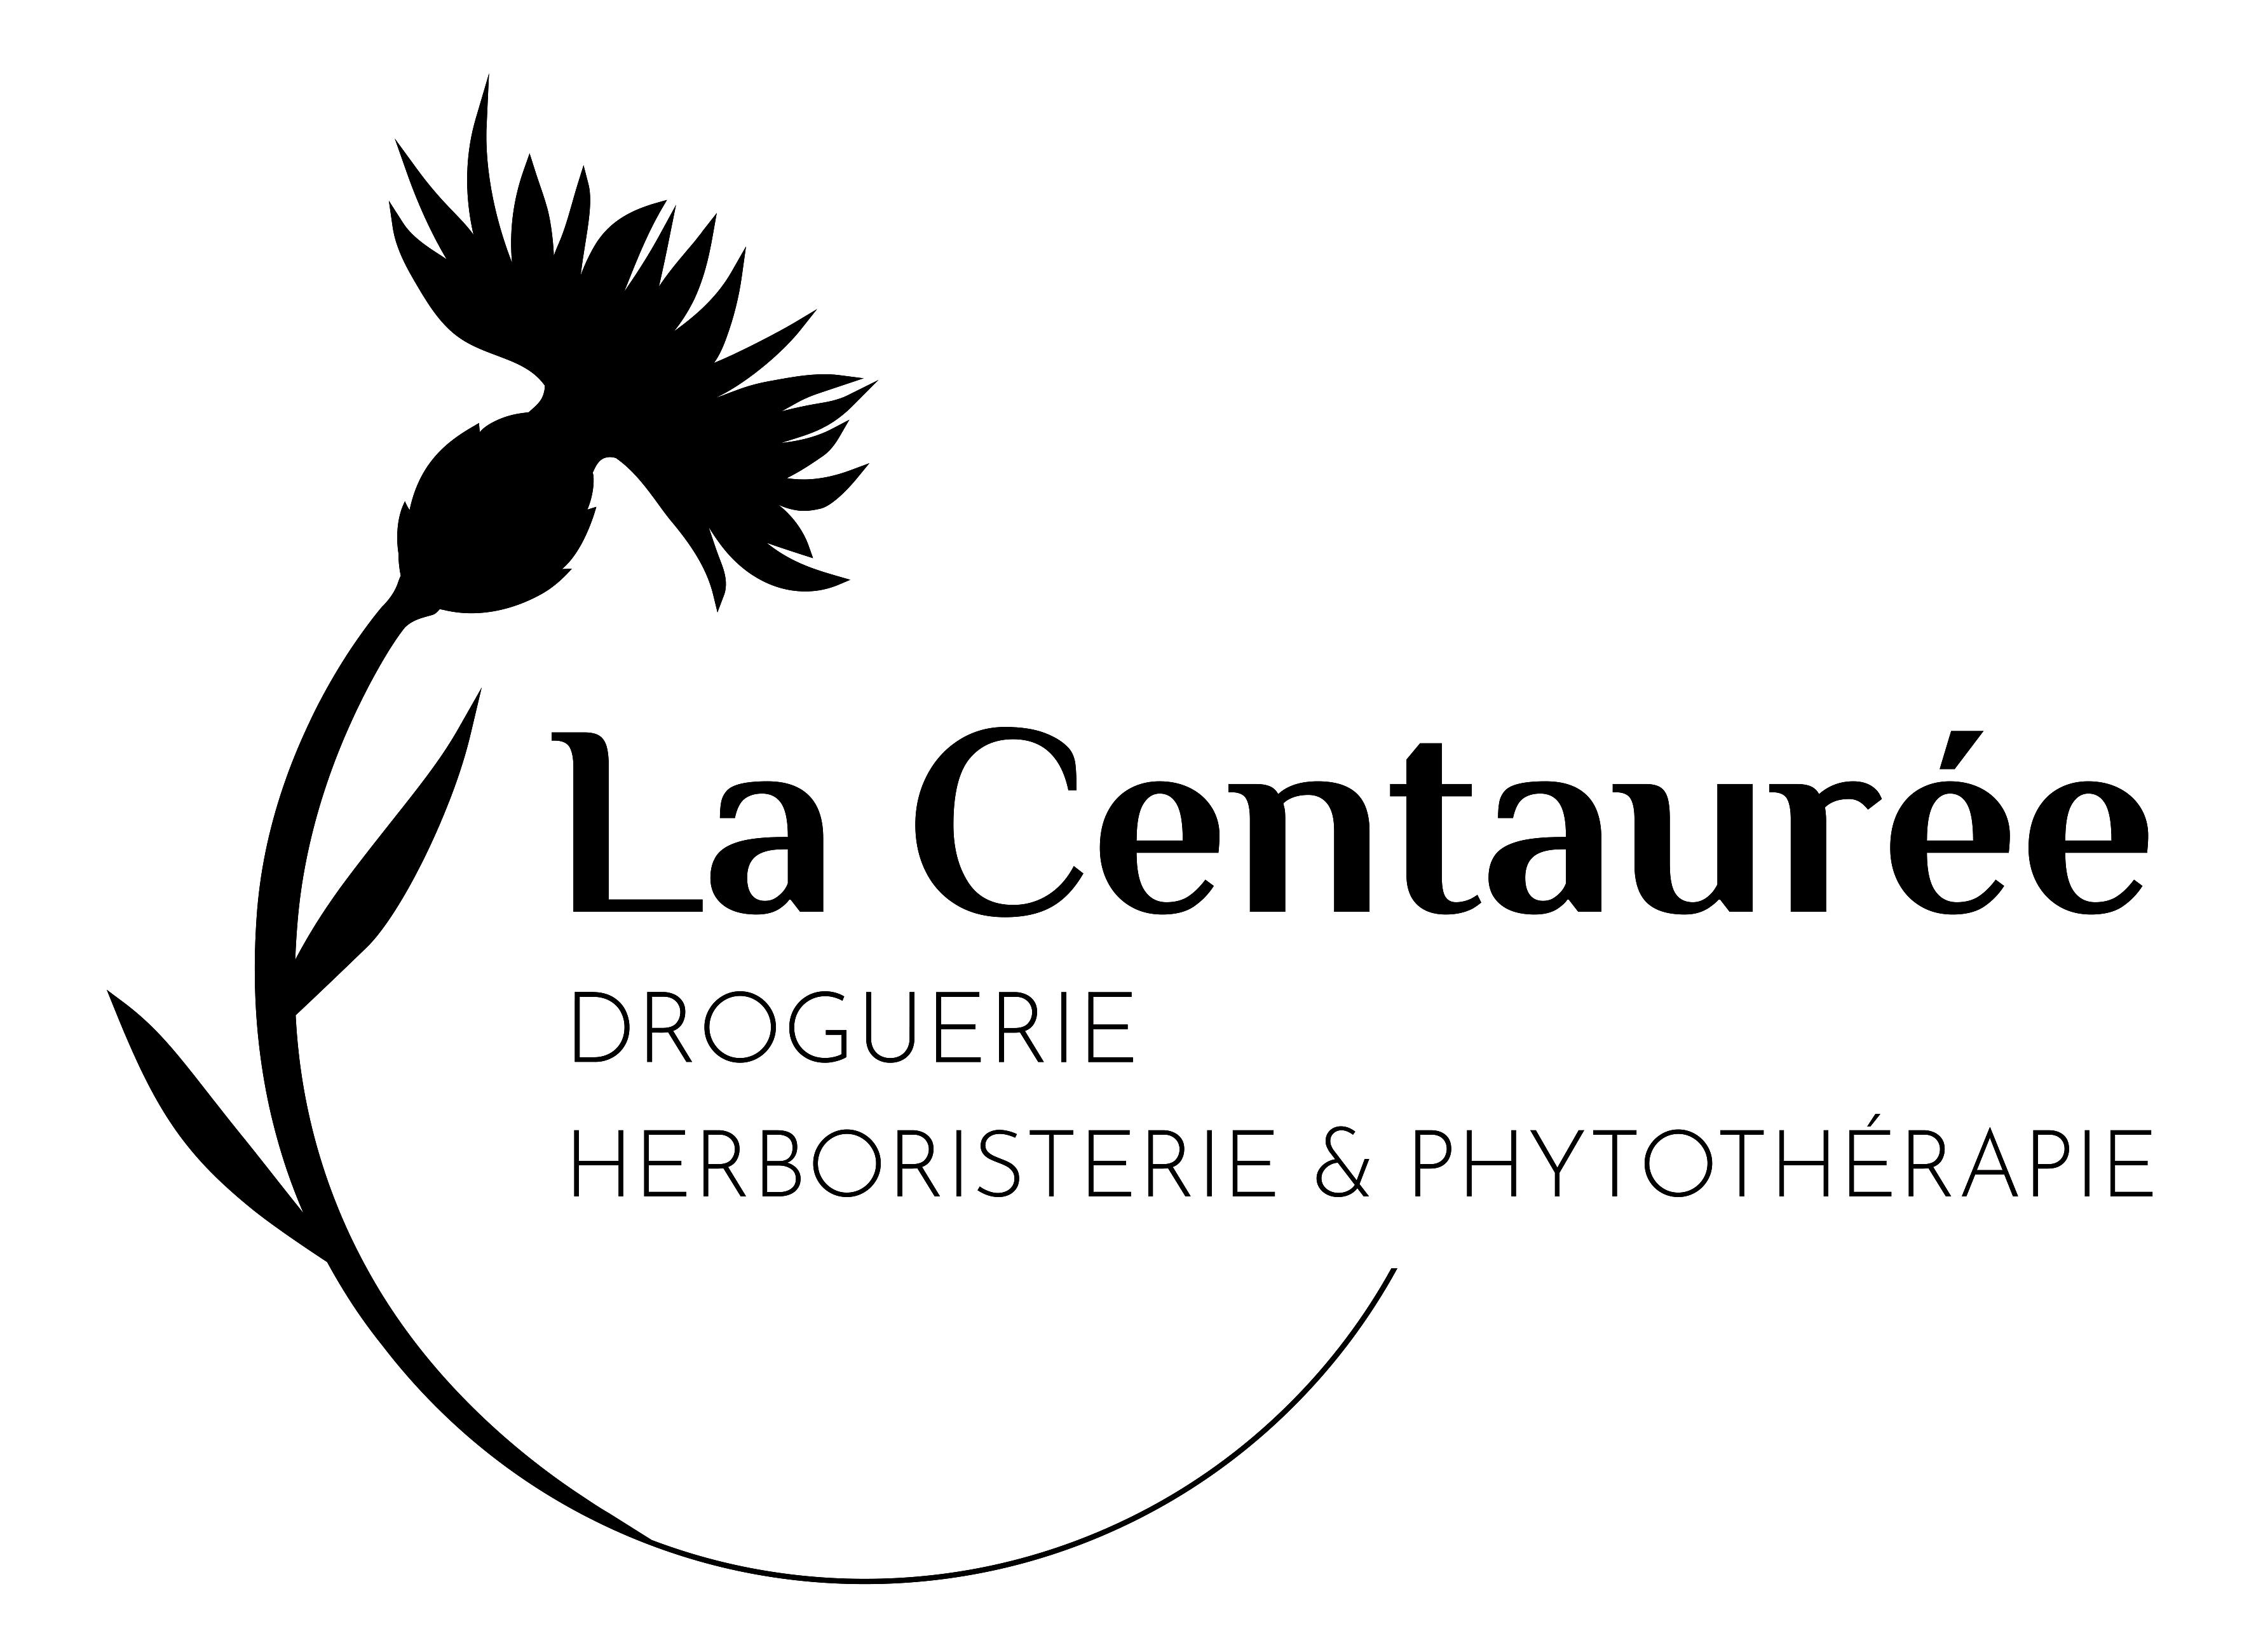 Droguerie de la Centaurée Sàrl